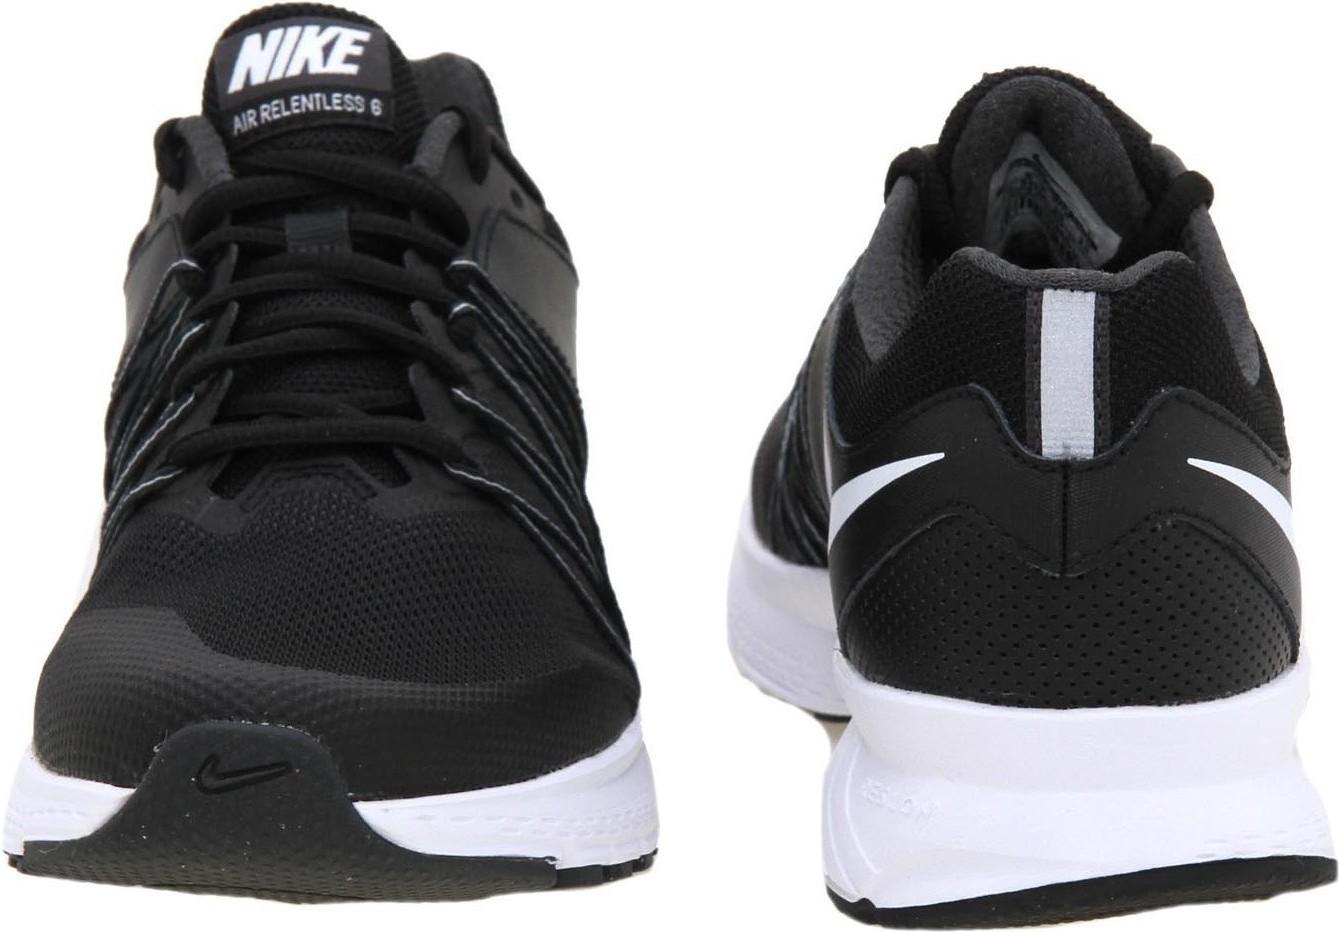 0e25e1bbdaf Nike Air Relentless 6 843882-001 - Skroutz.gr